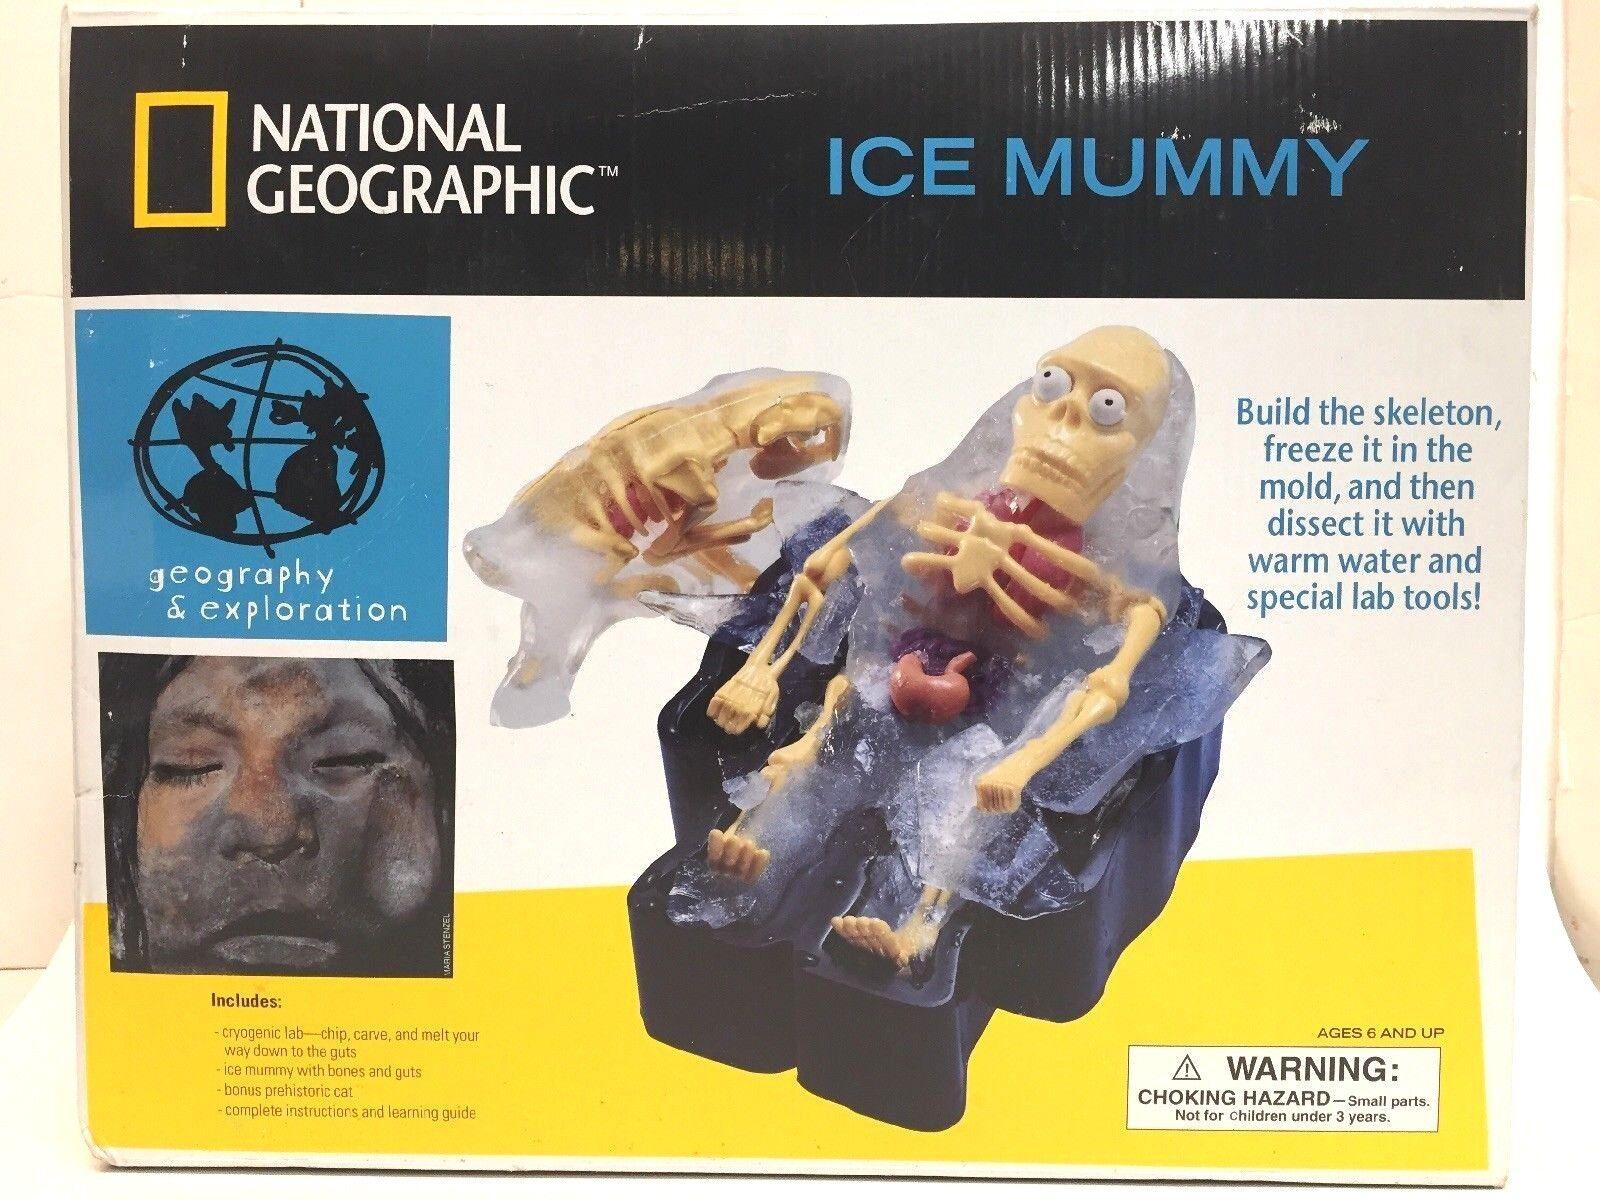 NEW National Geographic 2002 Ice Mummy Cryogenic Lab Kit Ages 6+  Sealed Box